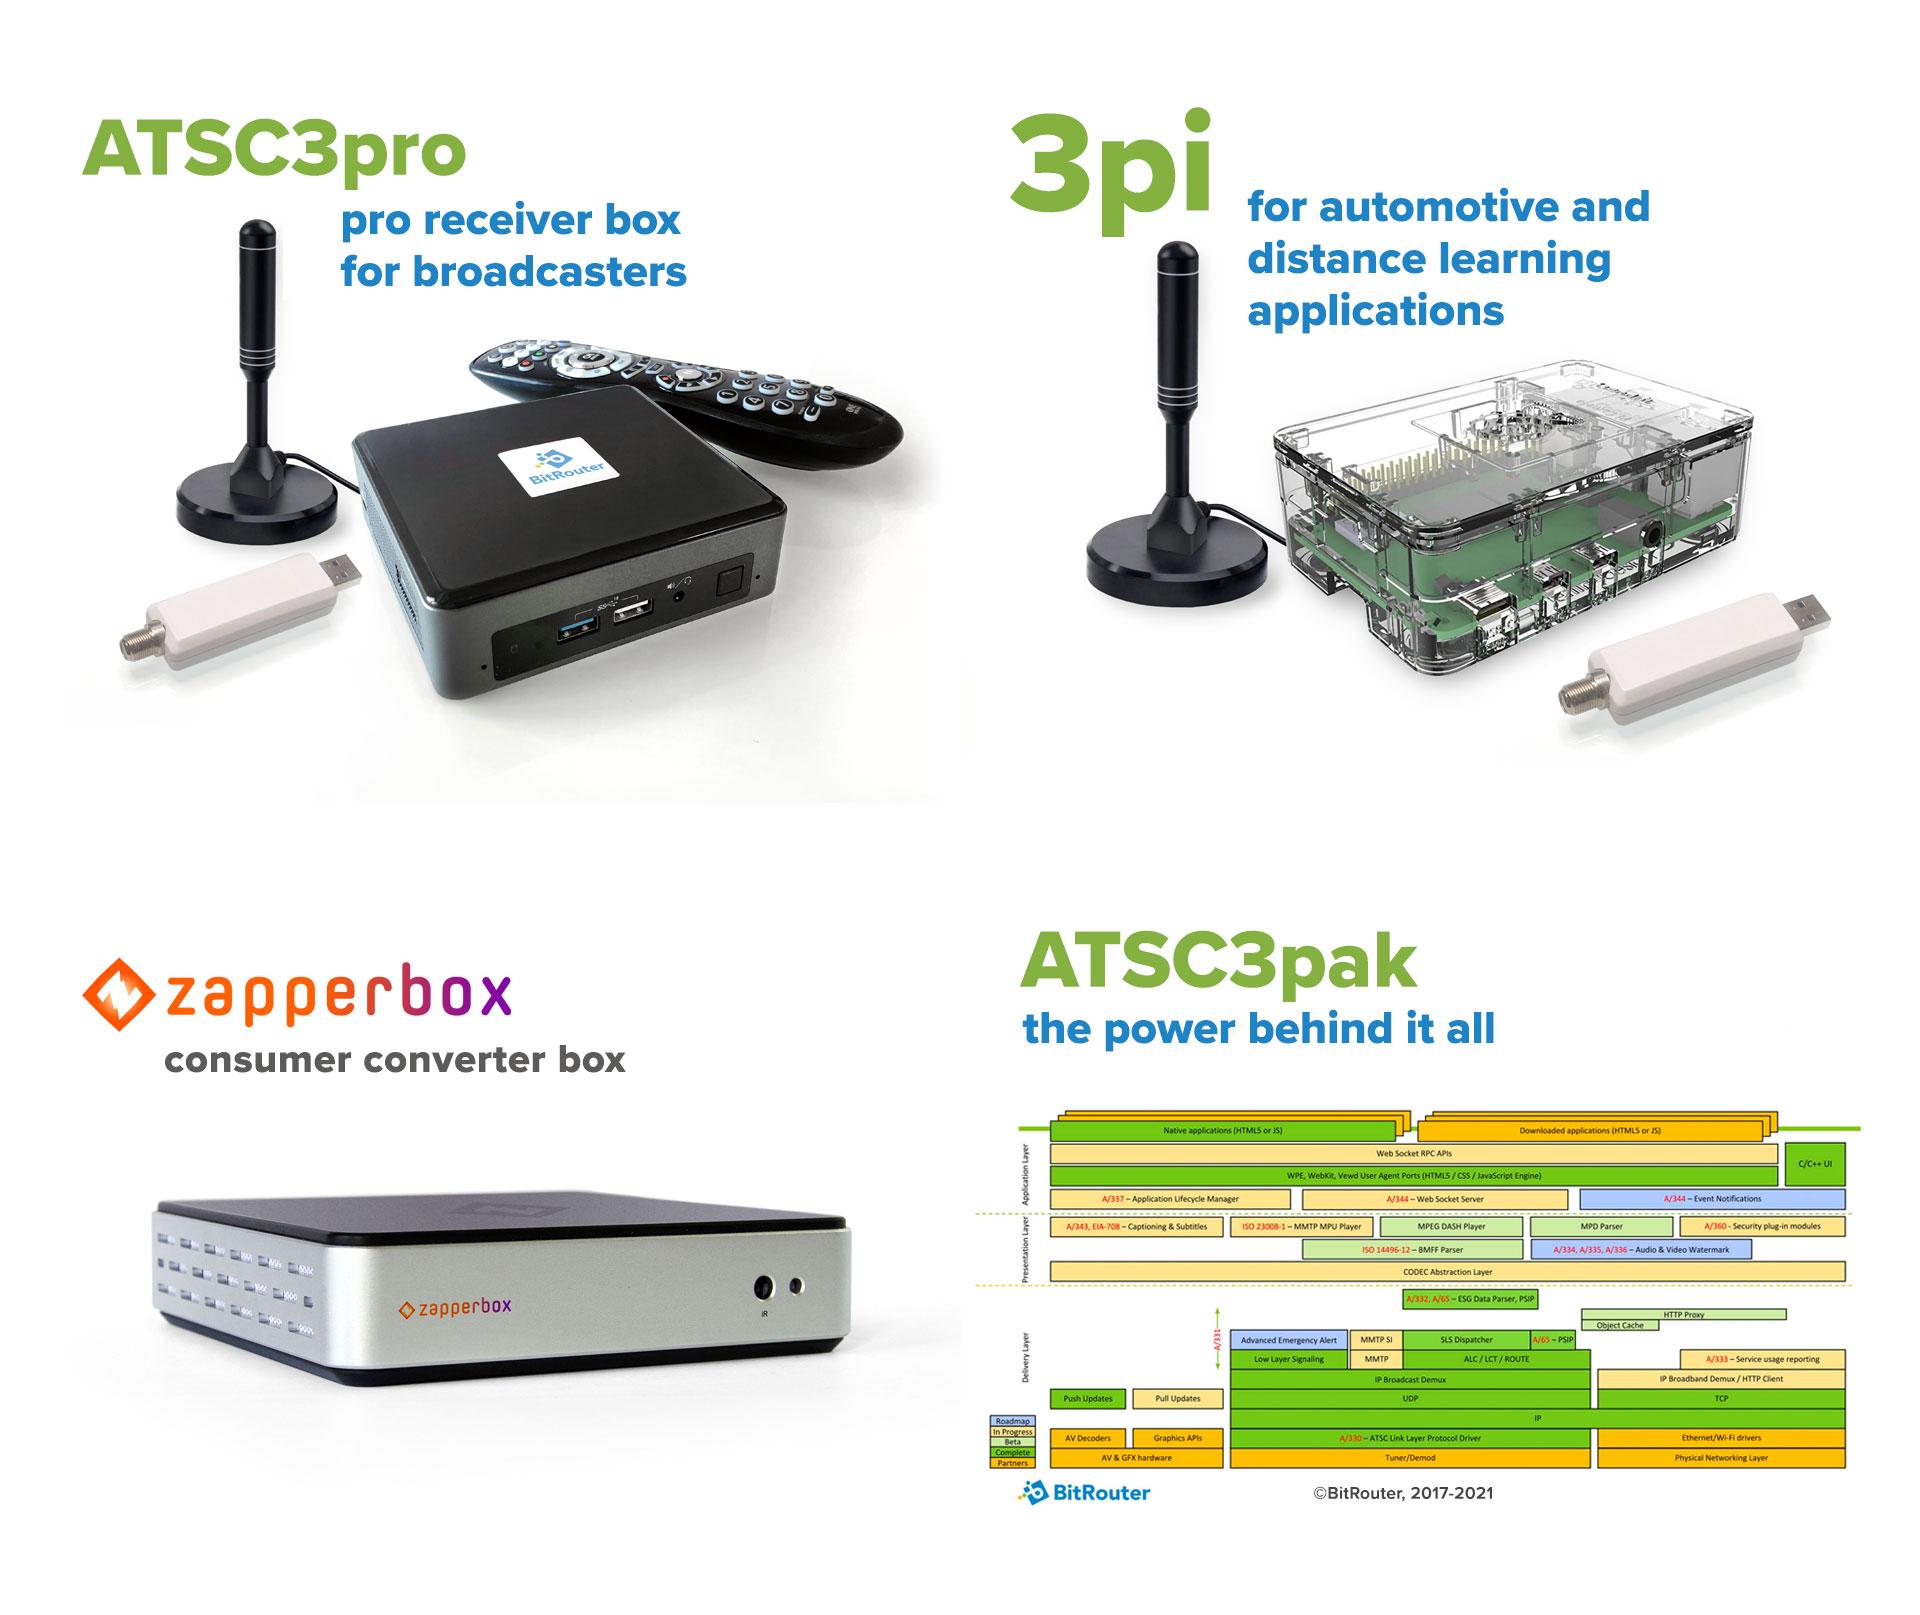 ATSC3pak